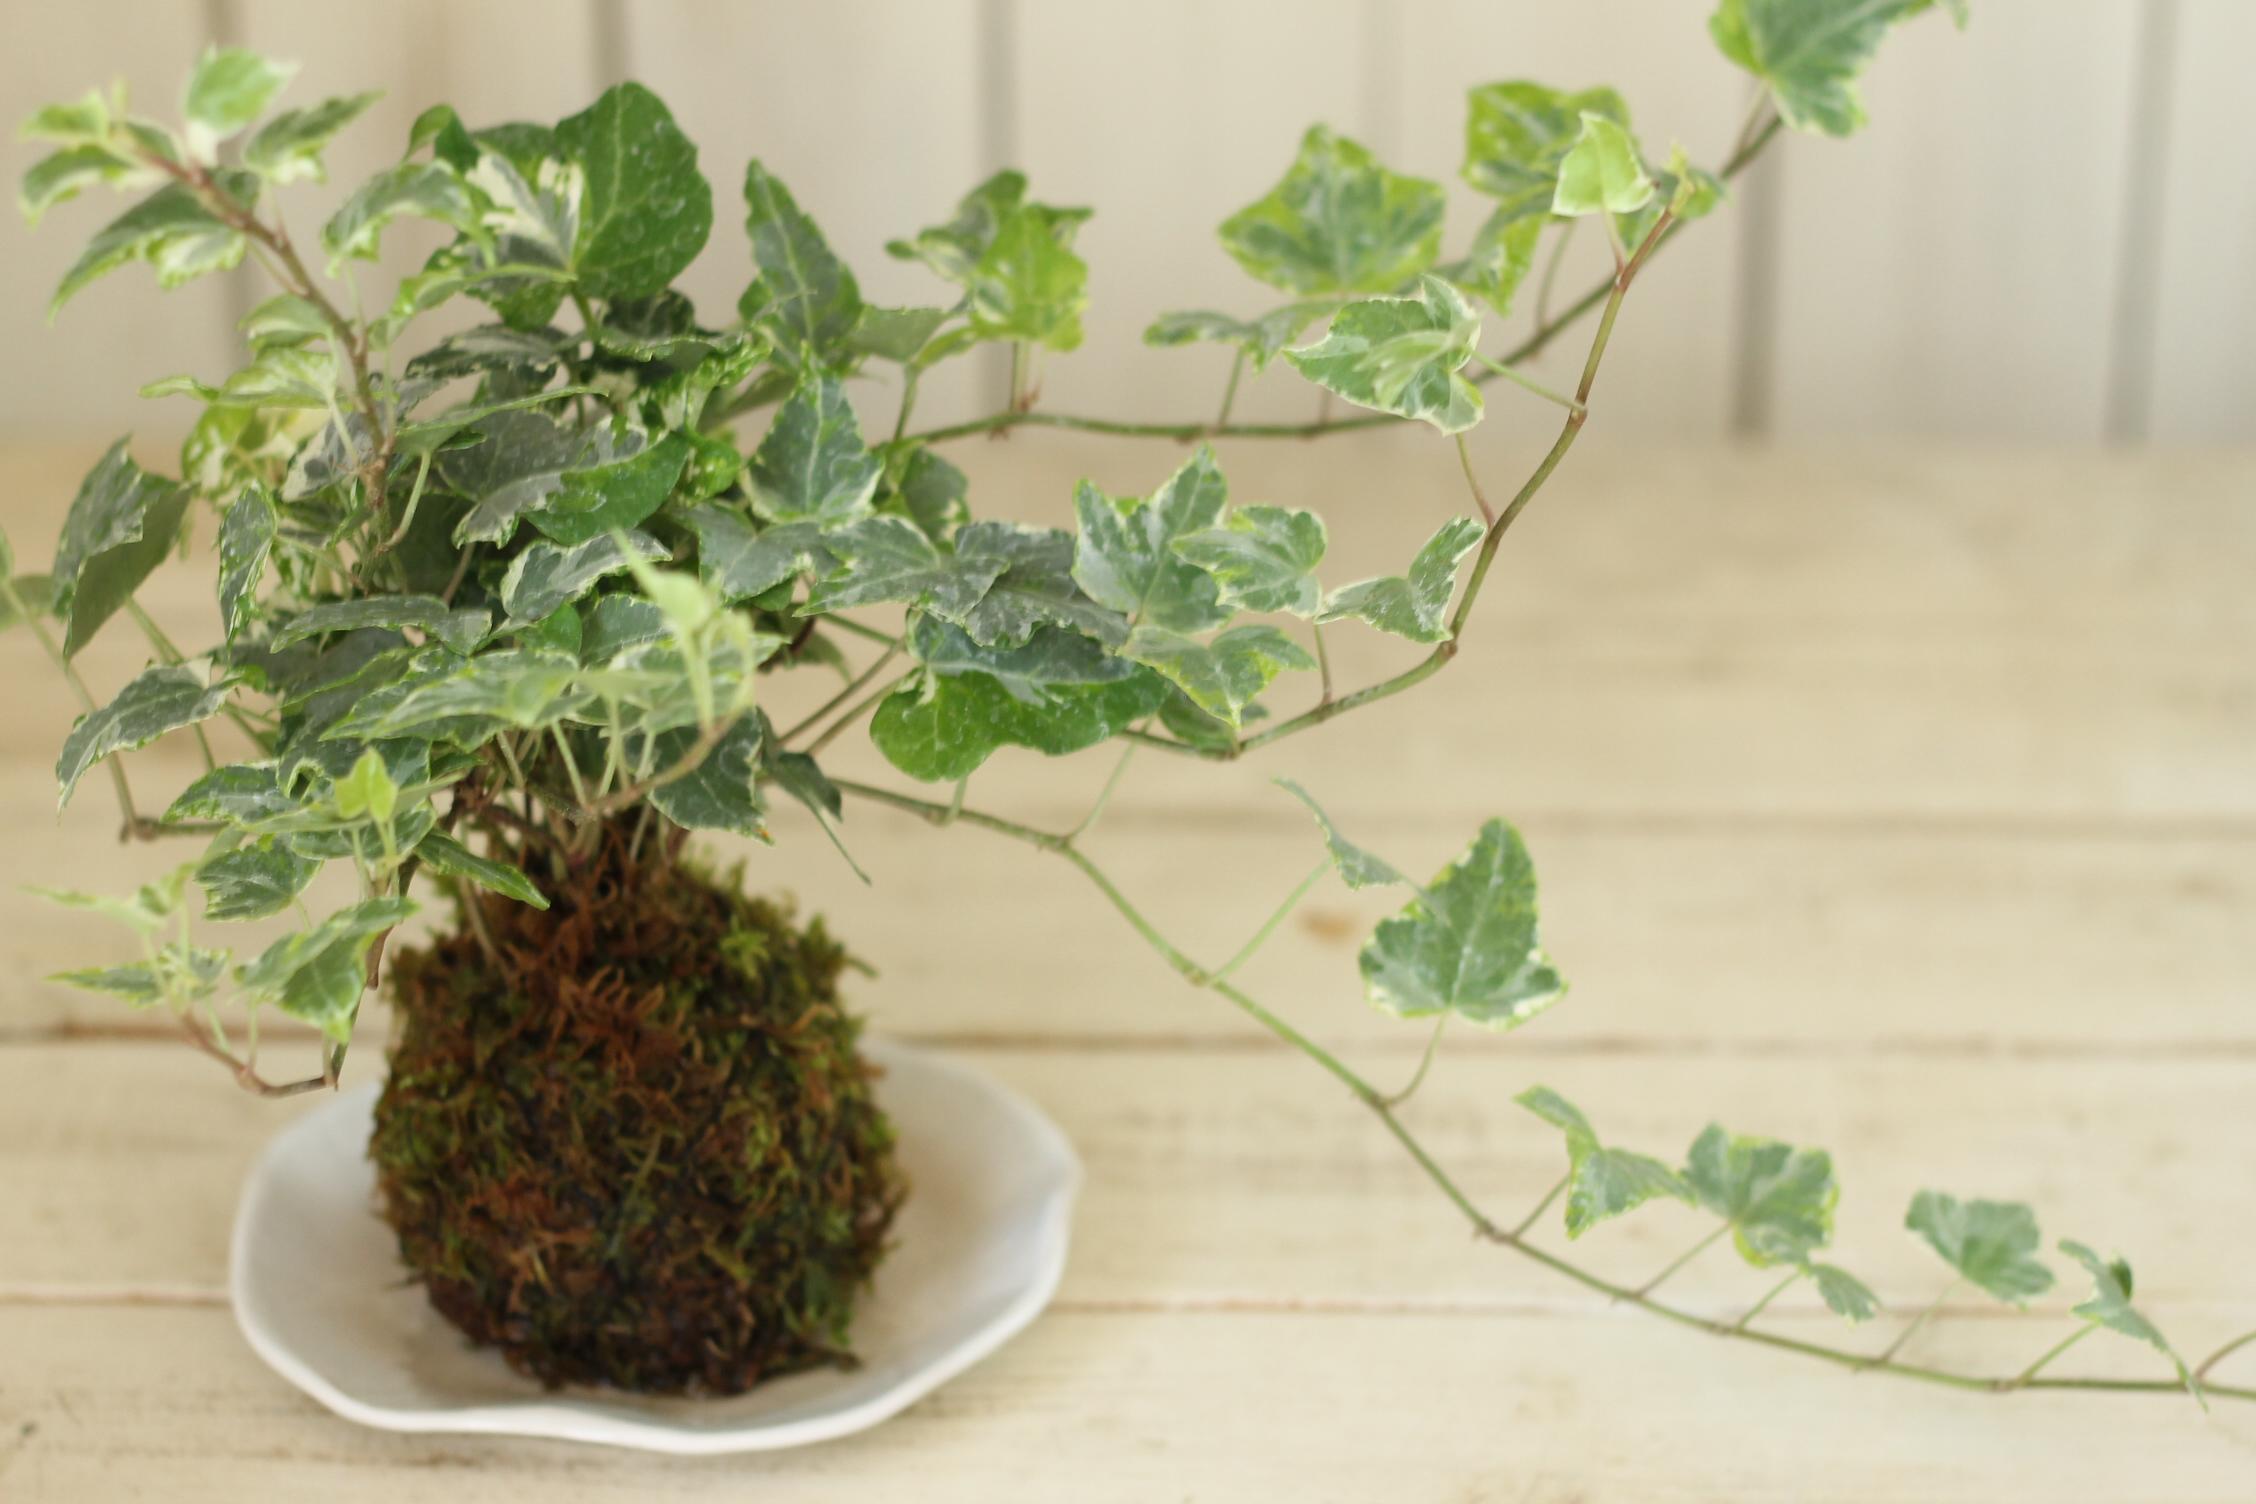 【受付開始】苔玉・多肉植物の寄せ植えワークショップ@伊勢丹浦和店4階